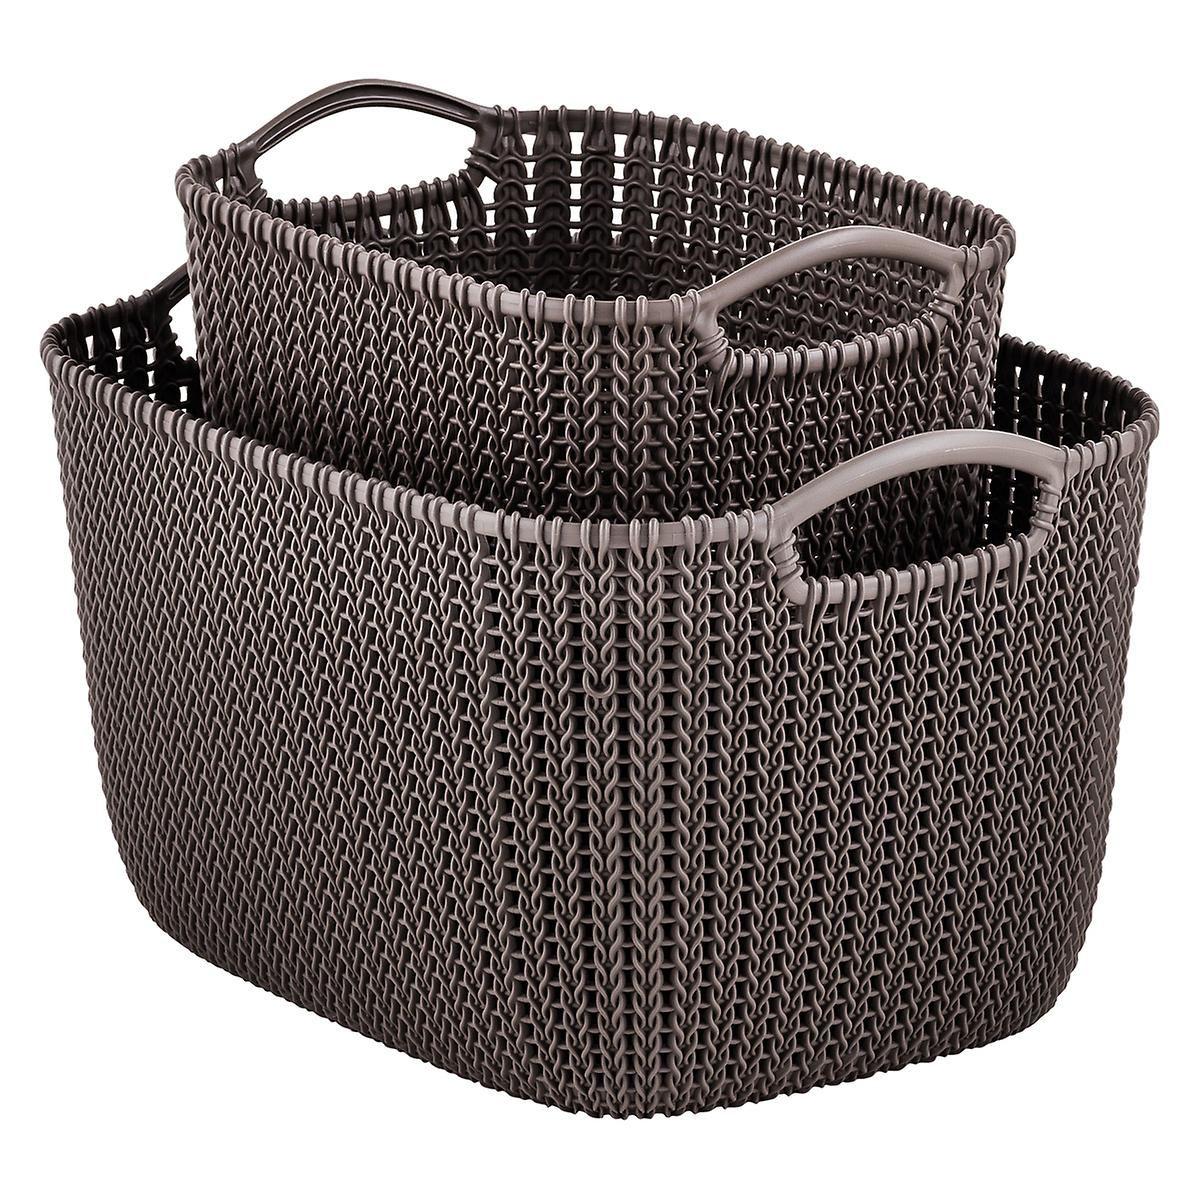 Harvest Brown Knit Baskets